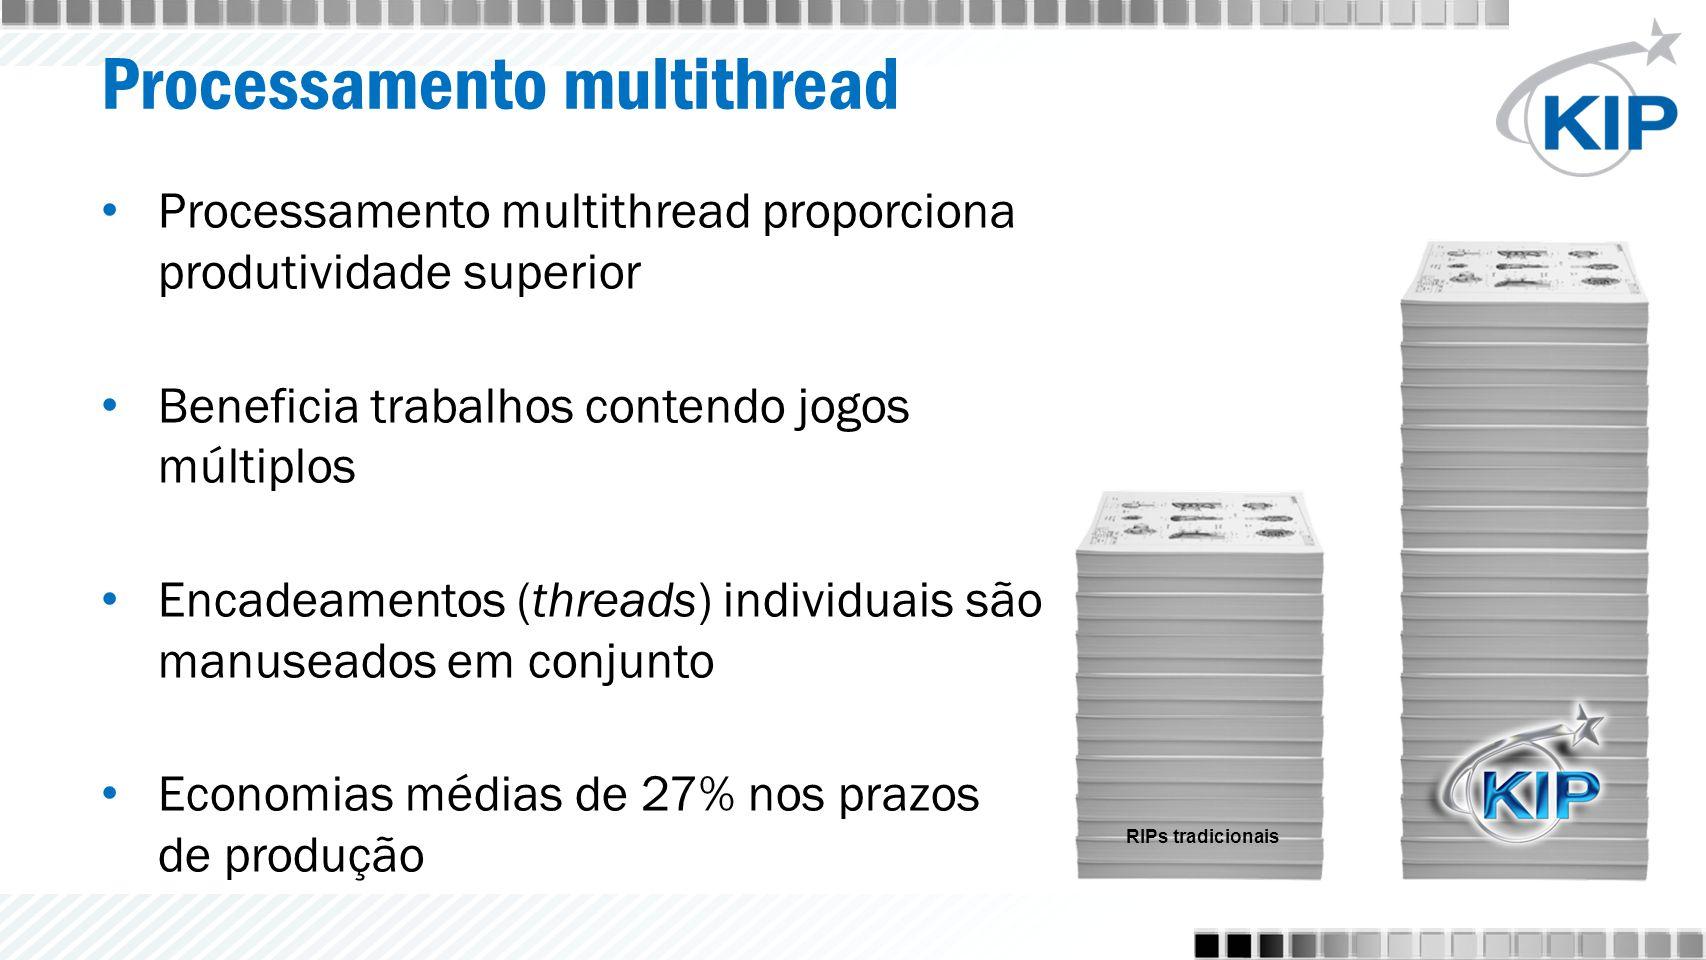 Processamento multithread Processamento multithread proporciona produtividade superior Beneficia trabalhos contendo jogos múltiplos Encadeamentos (threads) individuais são manuseados em conjunto Economias médias de 27% nos prazos de produção RIPs tradicionais